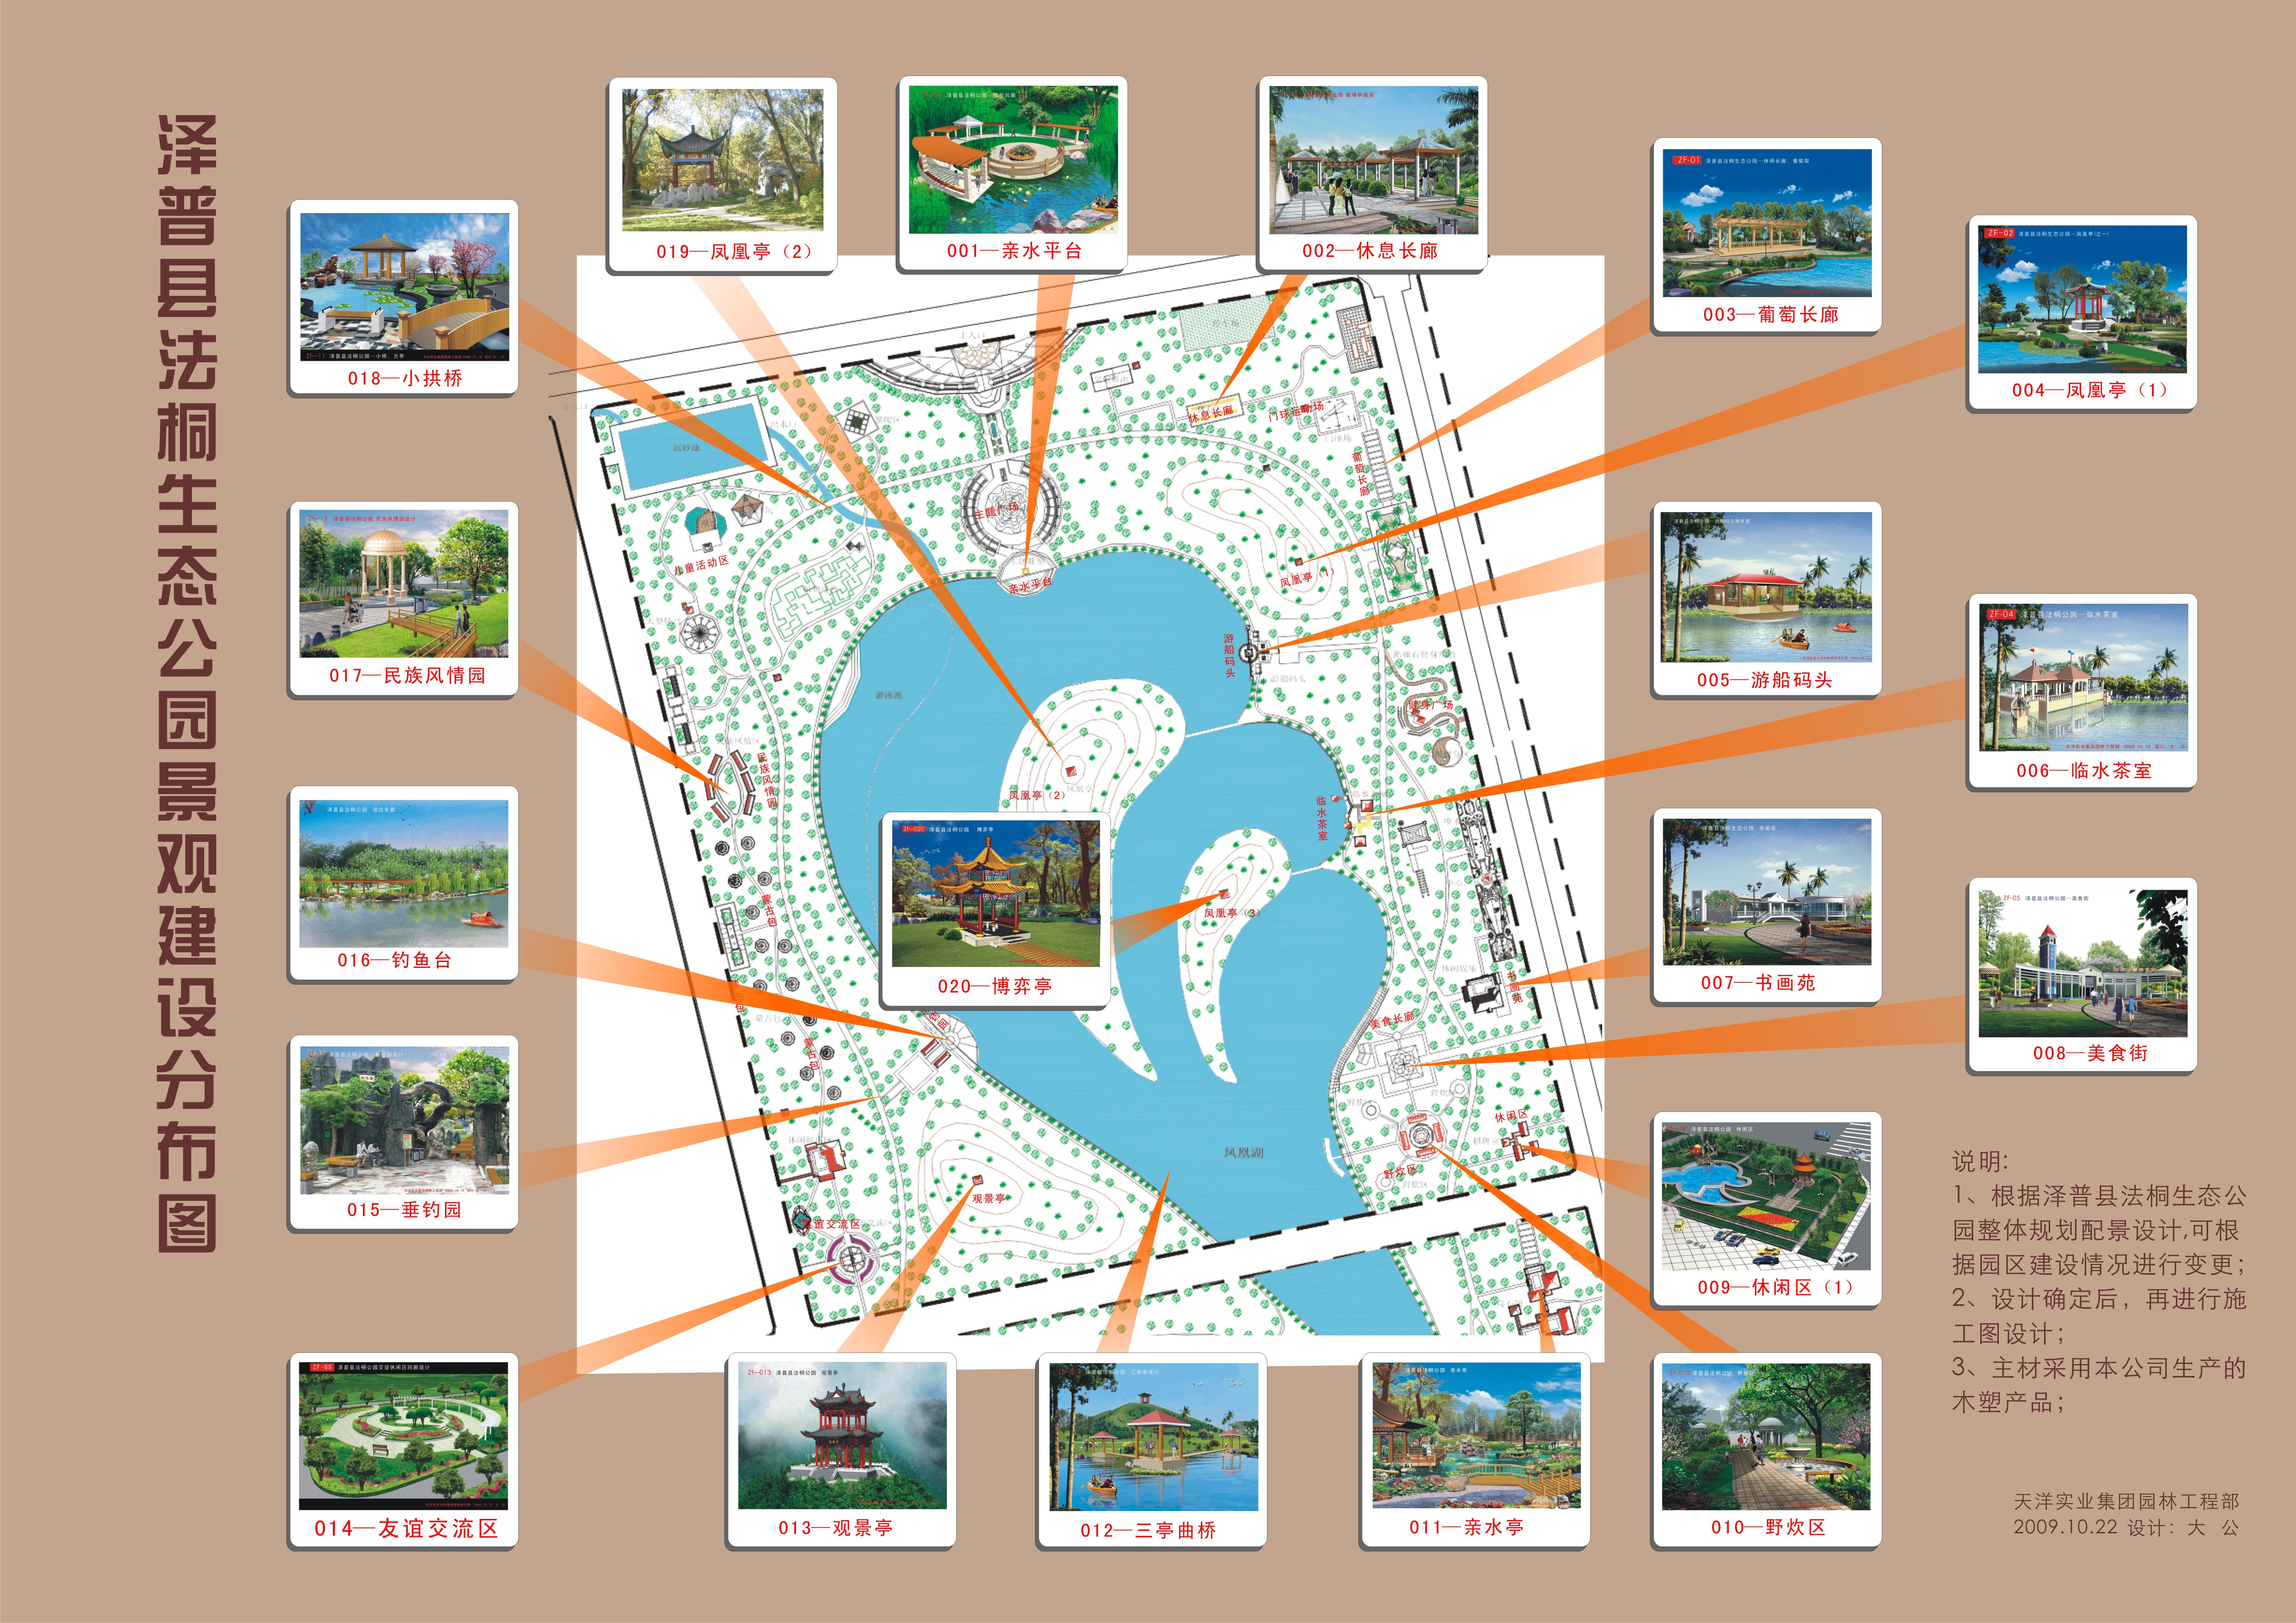 图纸 园林设计图 景观规划设计 风景区及度假村景观规划设计图 新疆